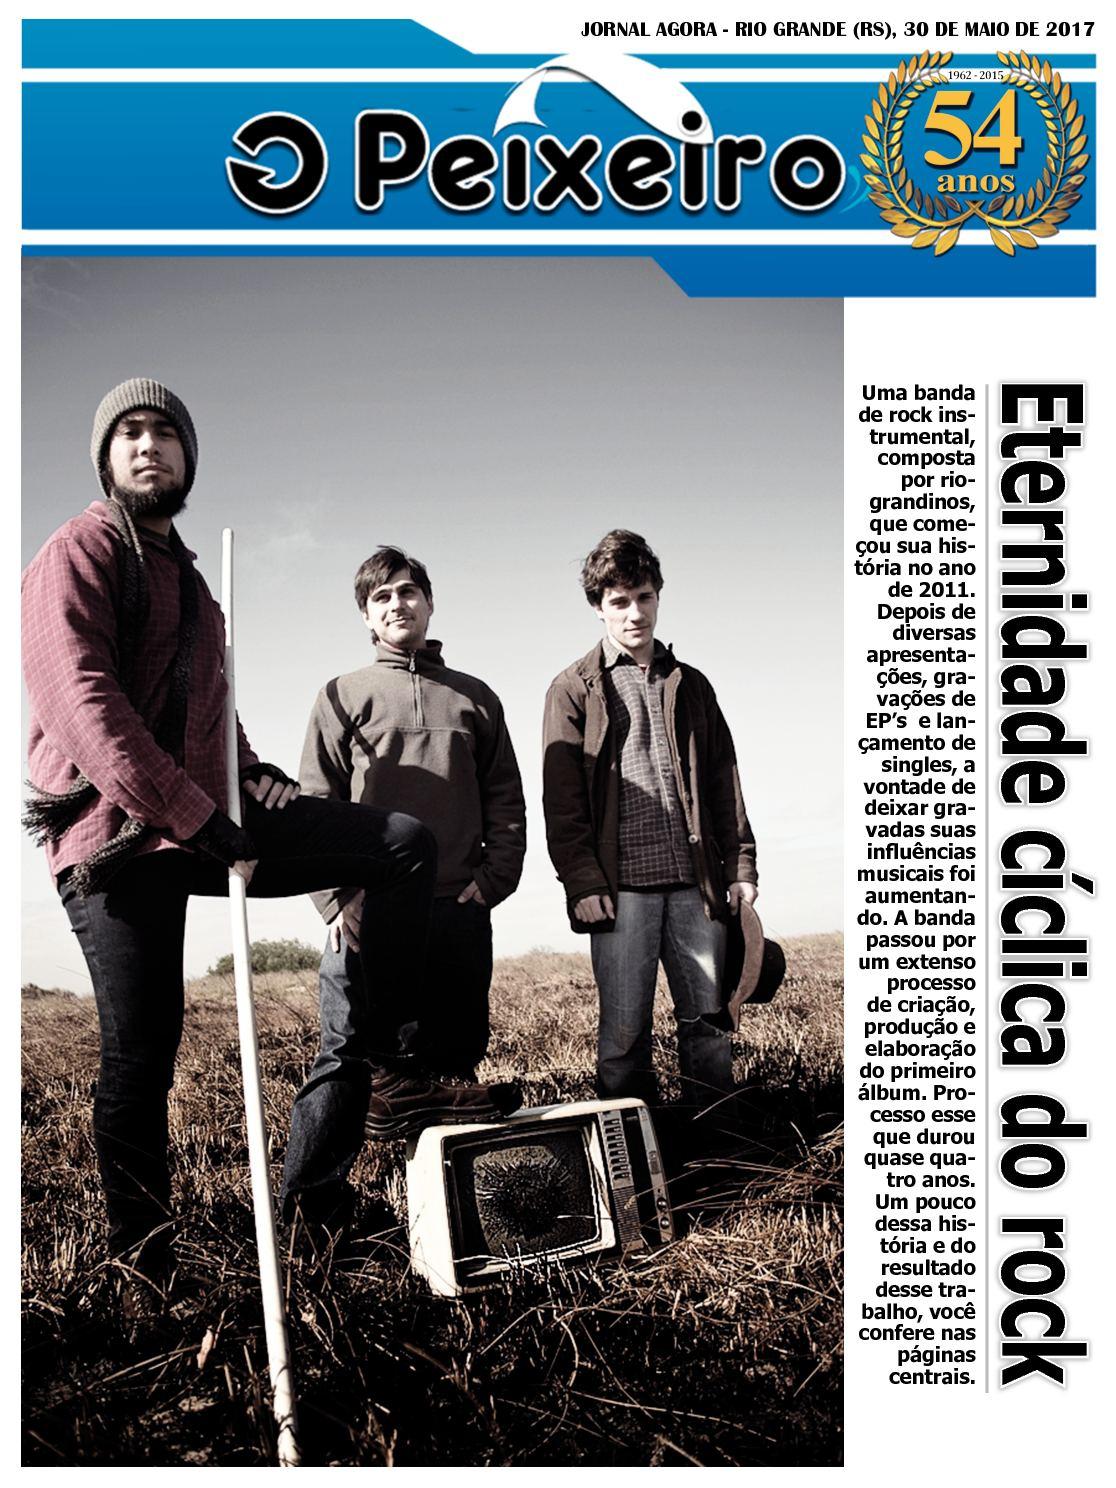 Jornal Agora - Edição 11758  - O Peixeiro - 30 de Maio de 2017